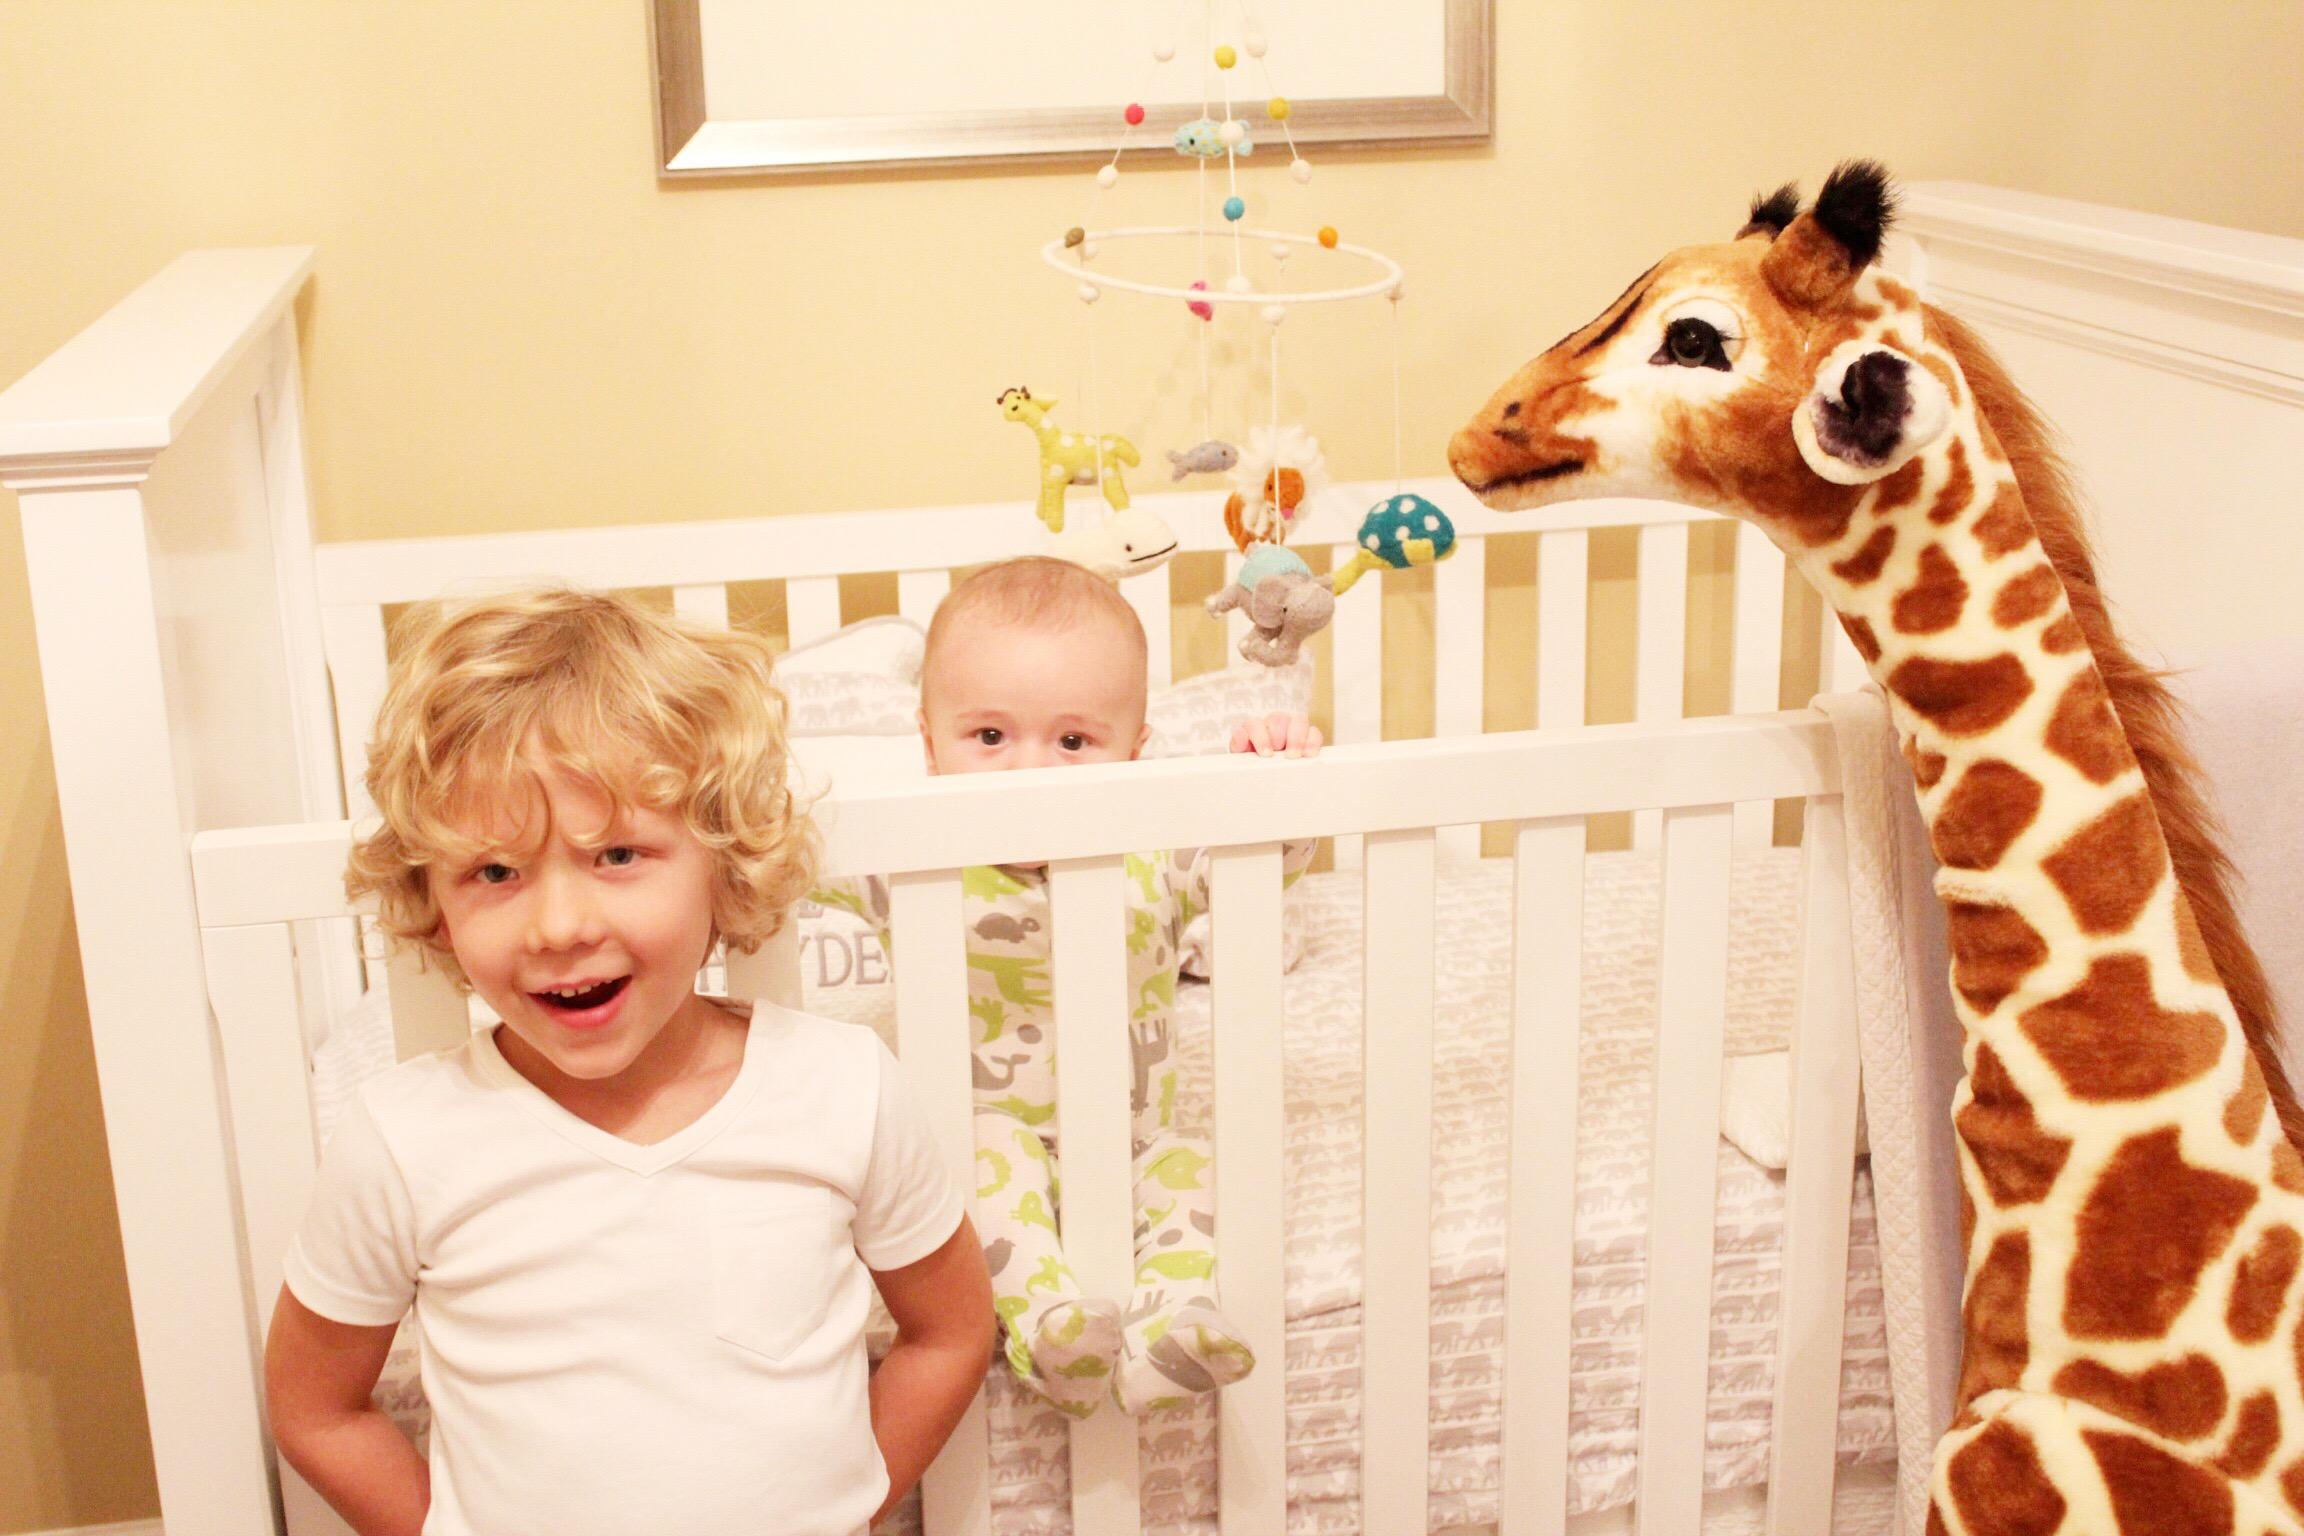 Huck/Hayden giraffe